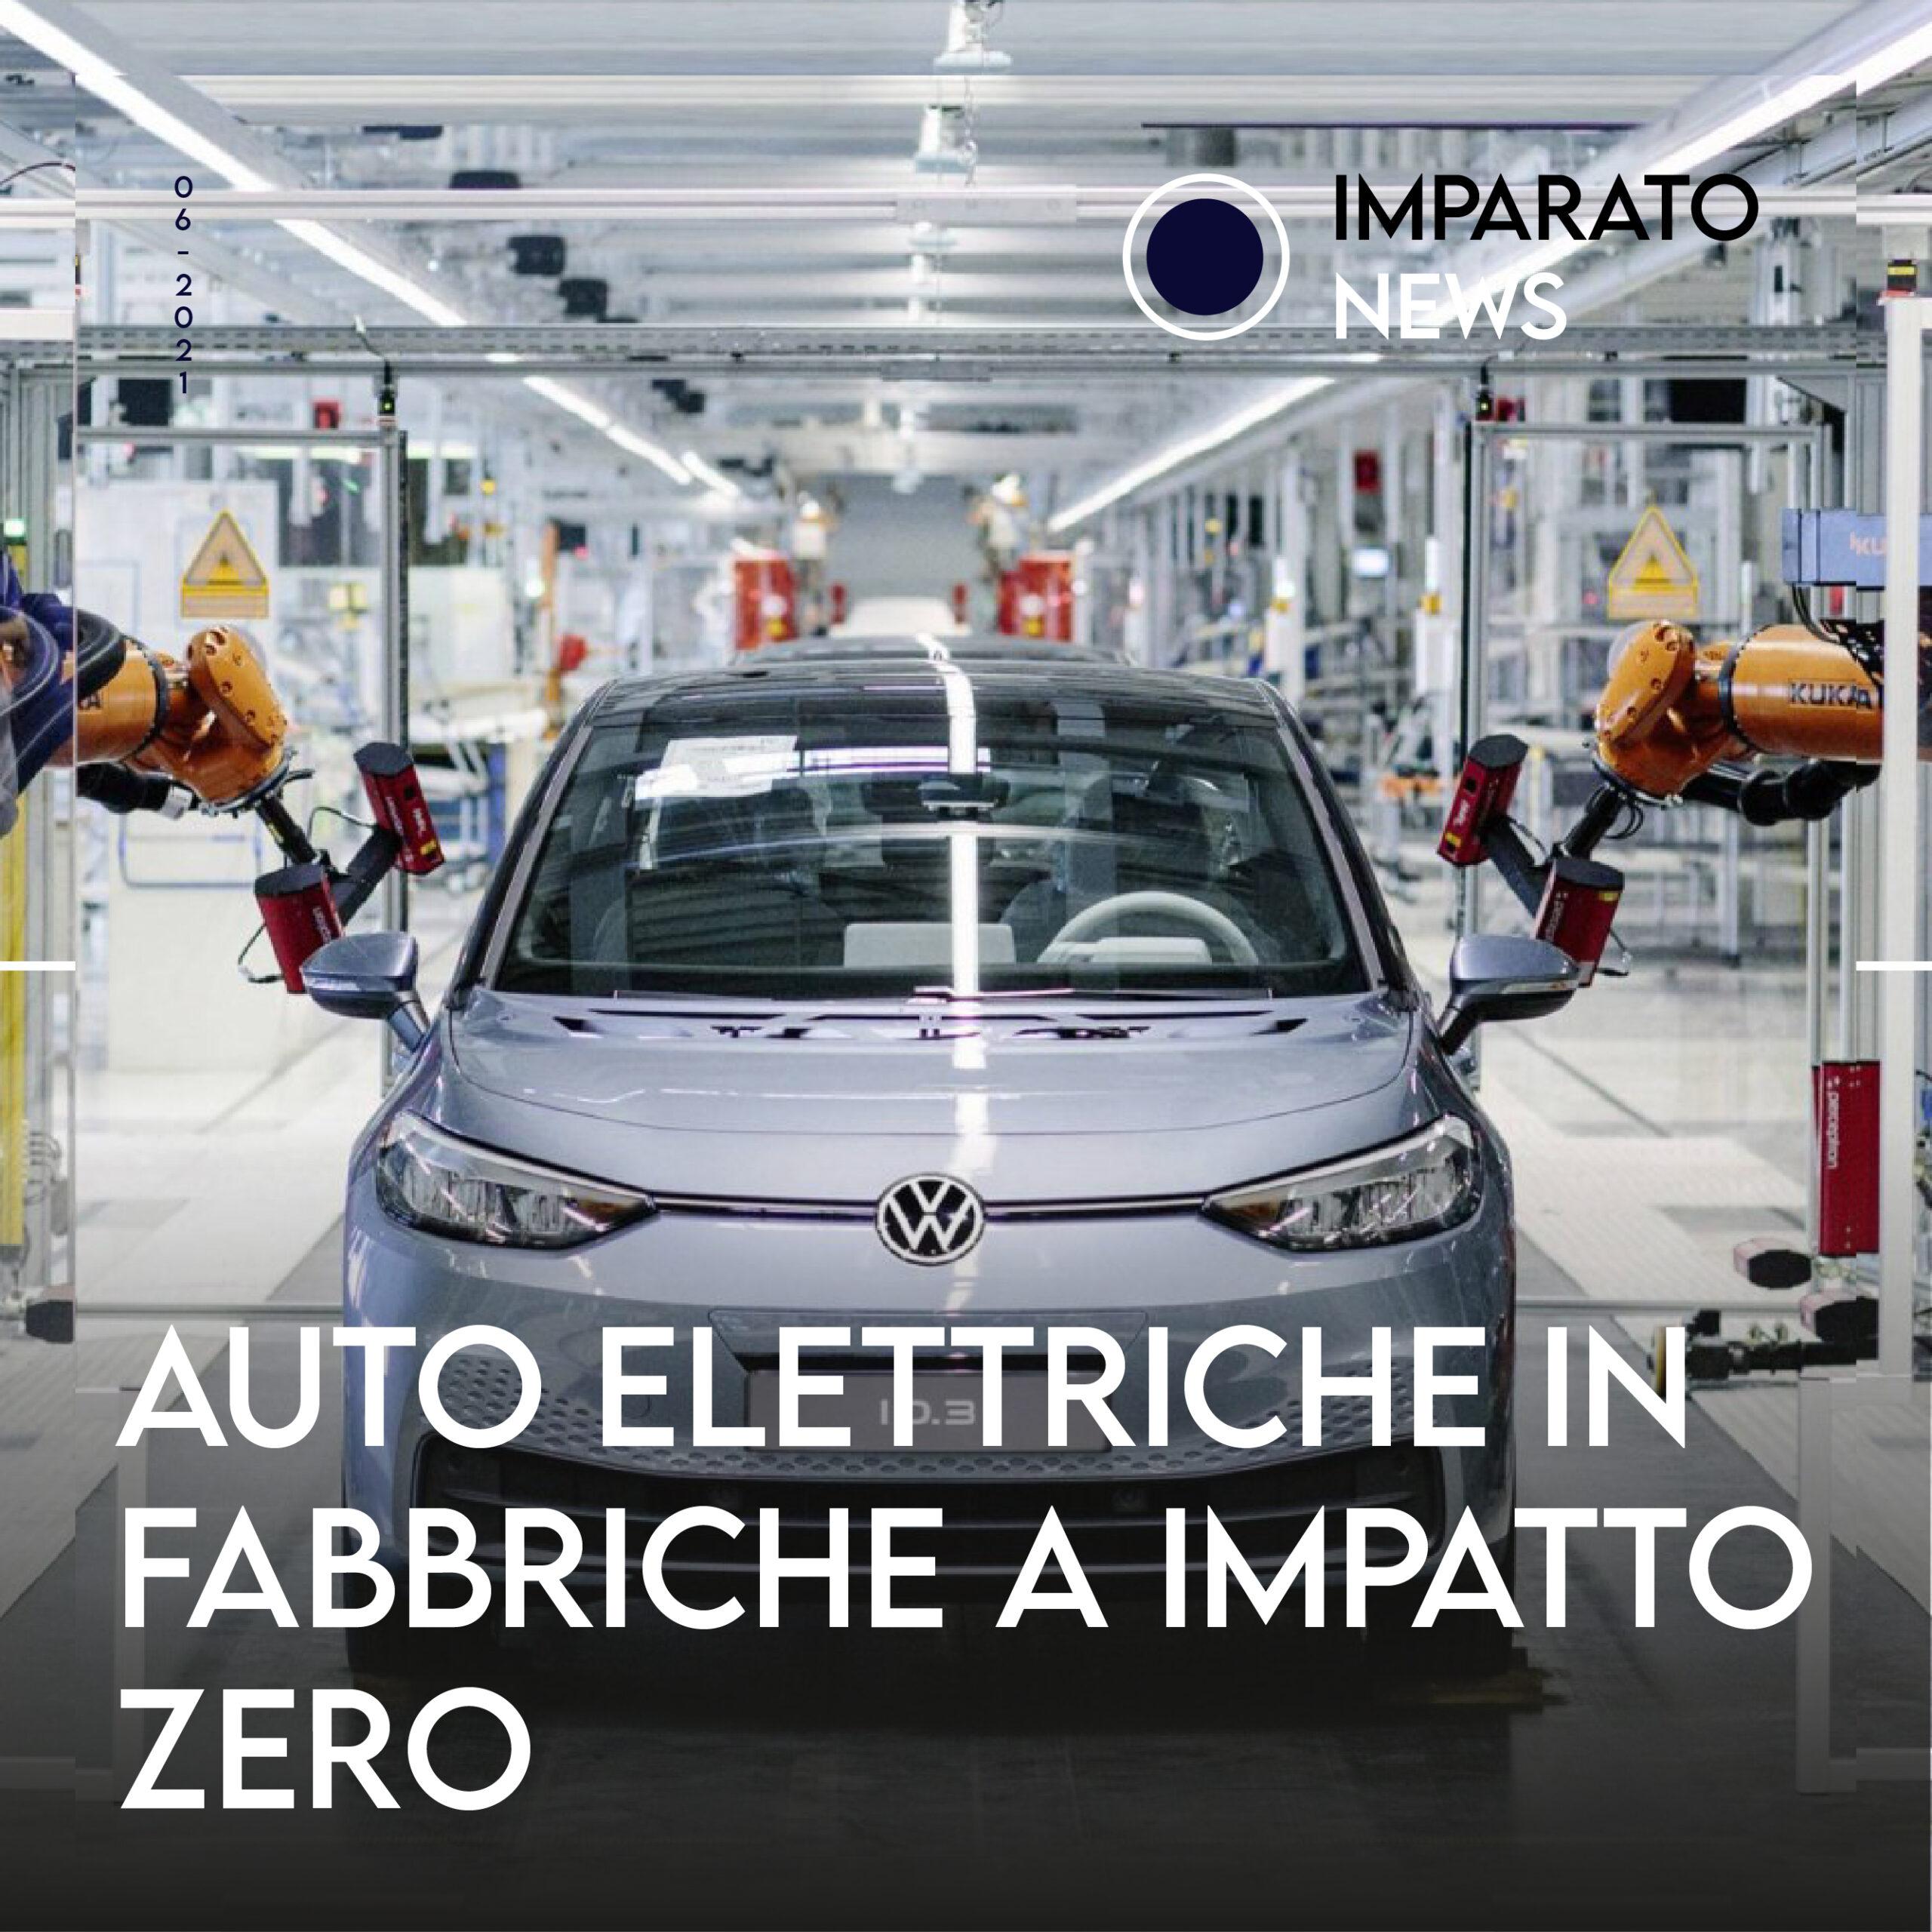 Auto elettriche in fabbriche a impatto zero